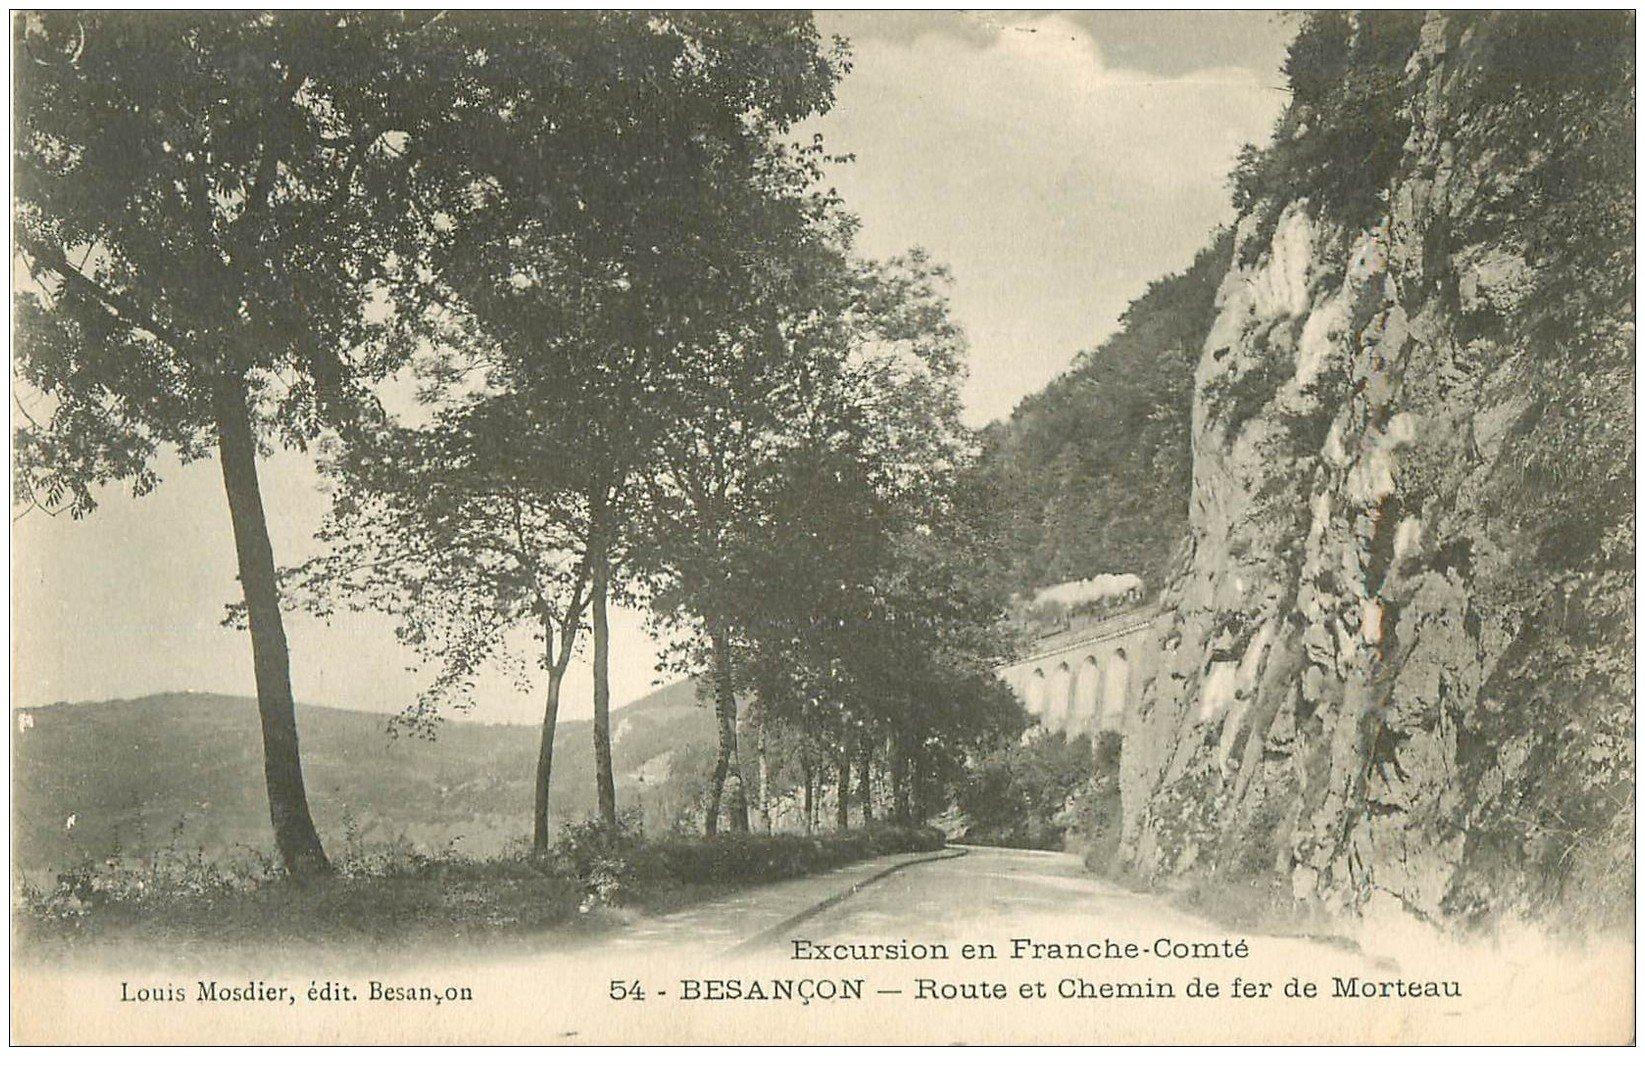 25 besancon route et chemin de fer de morteau 1931 for 25 besancon